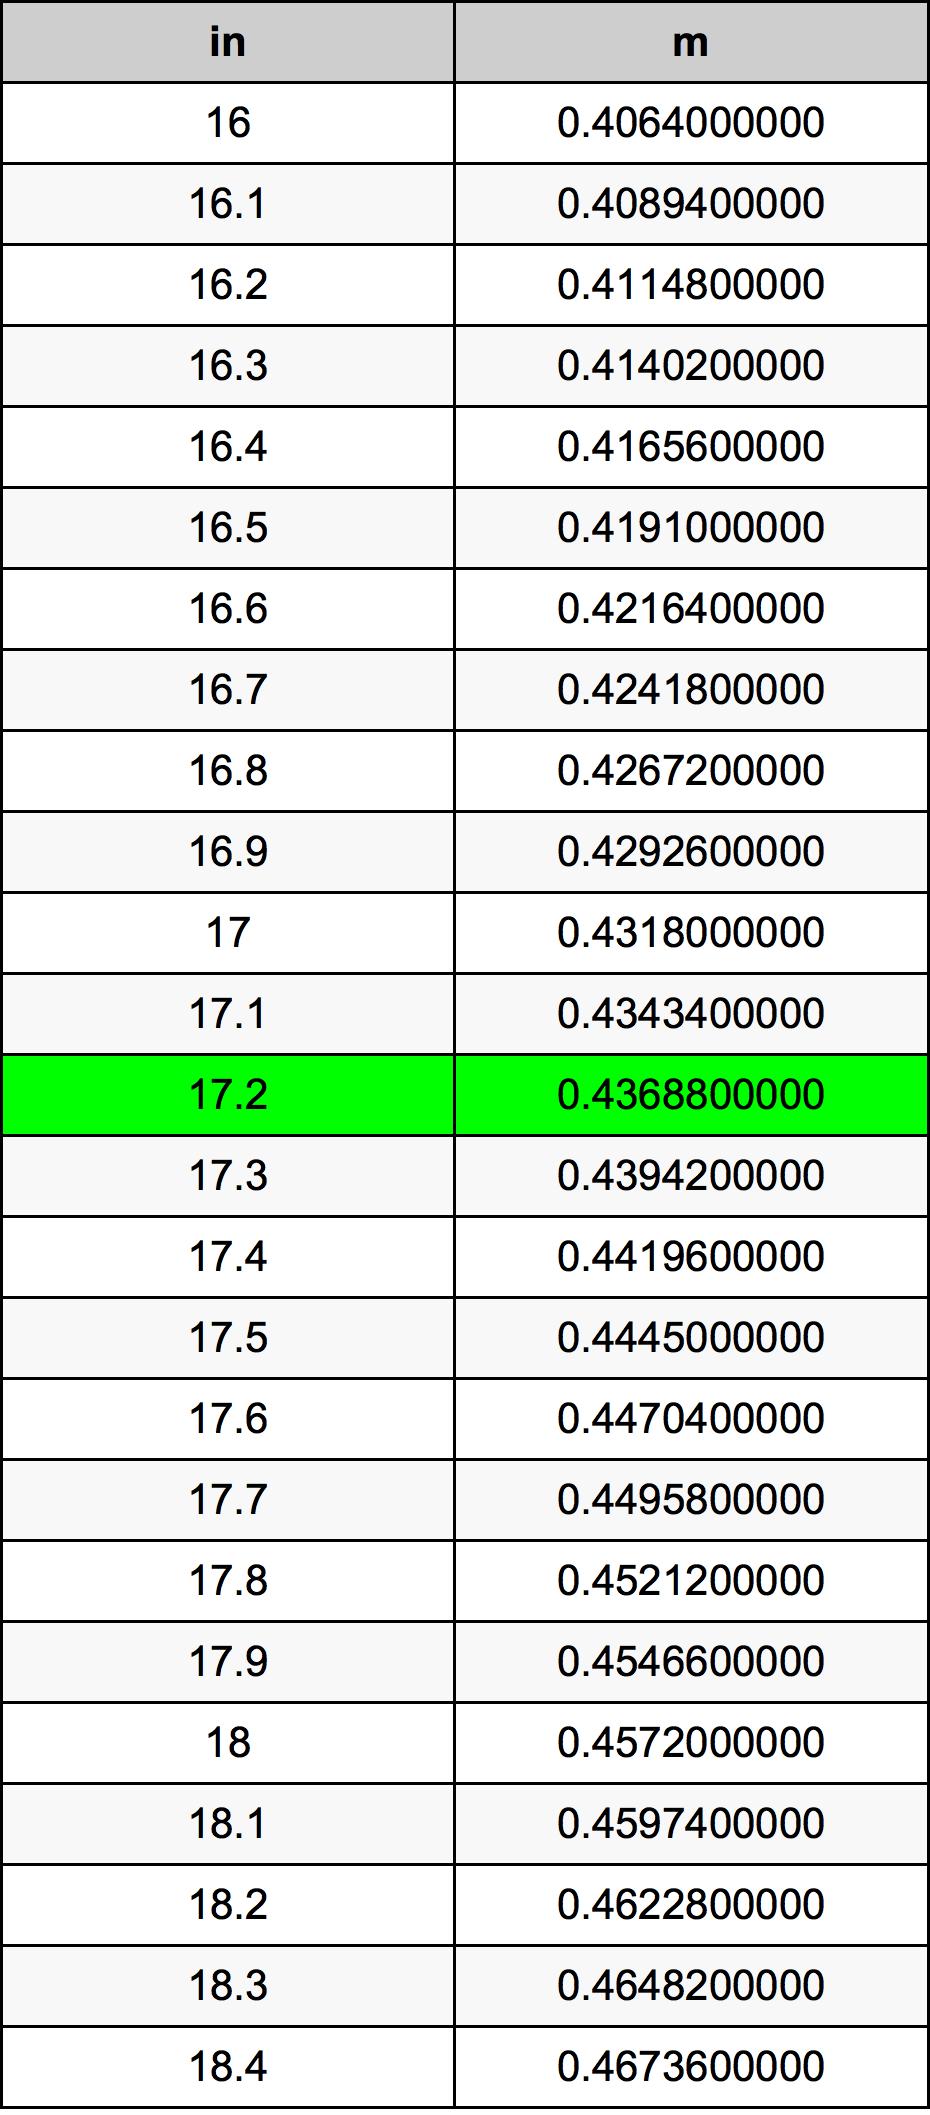 17.2英寸換算表